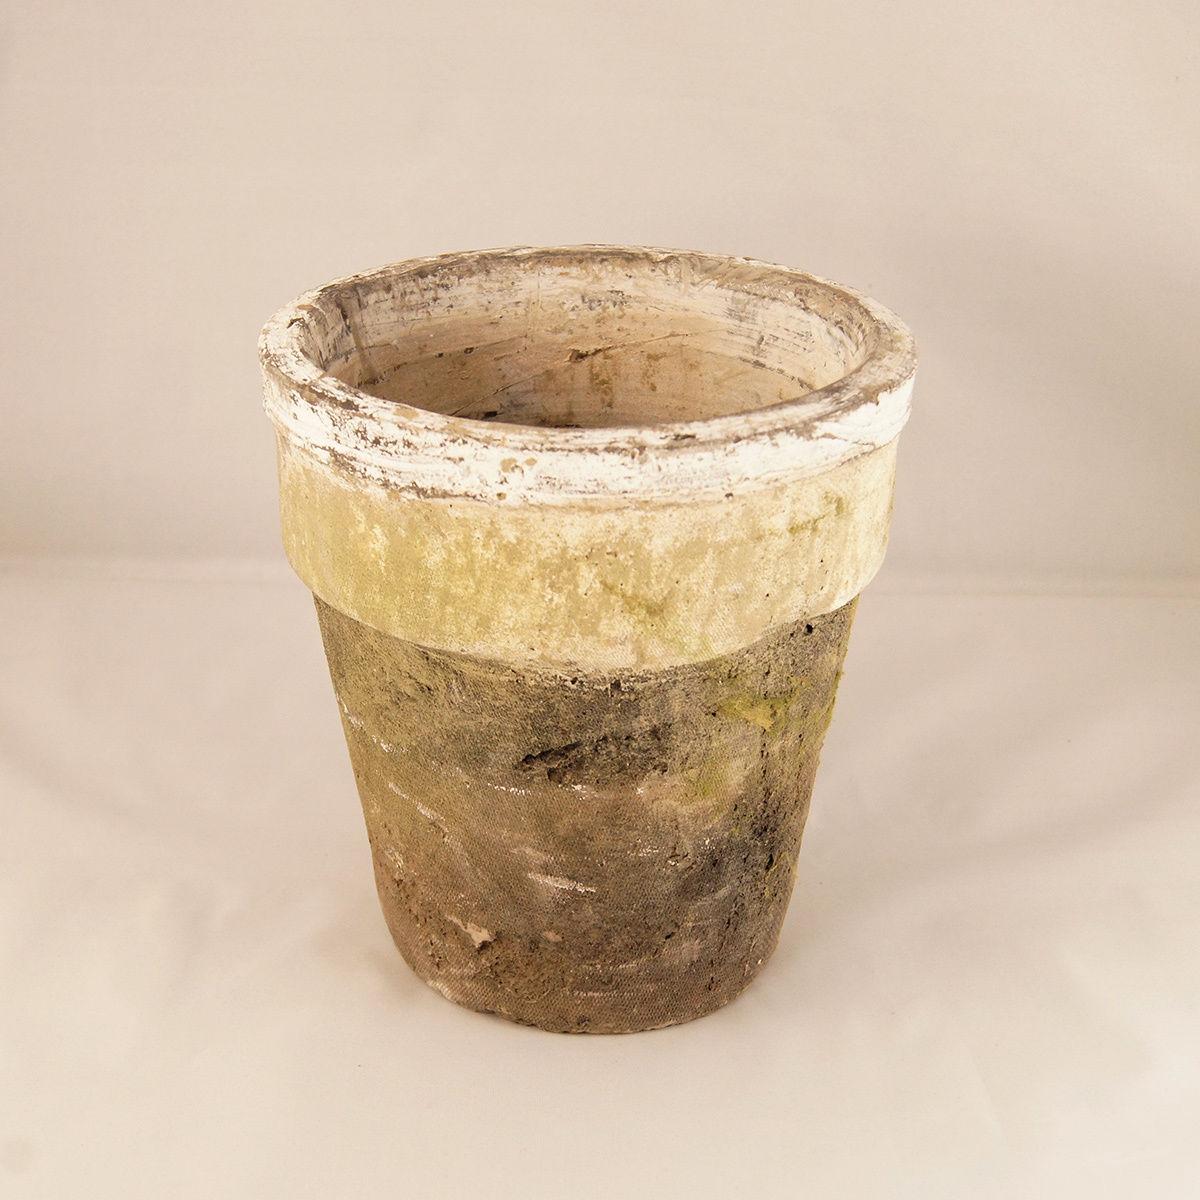 アンティークポット(antique pot)13/14 ホワイトリム